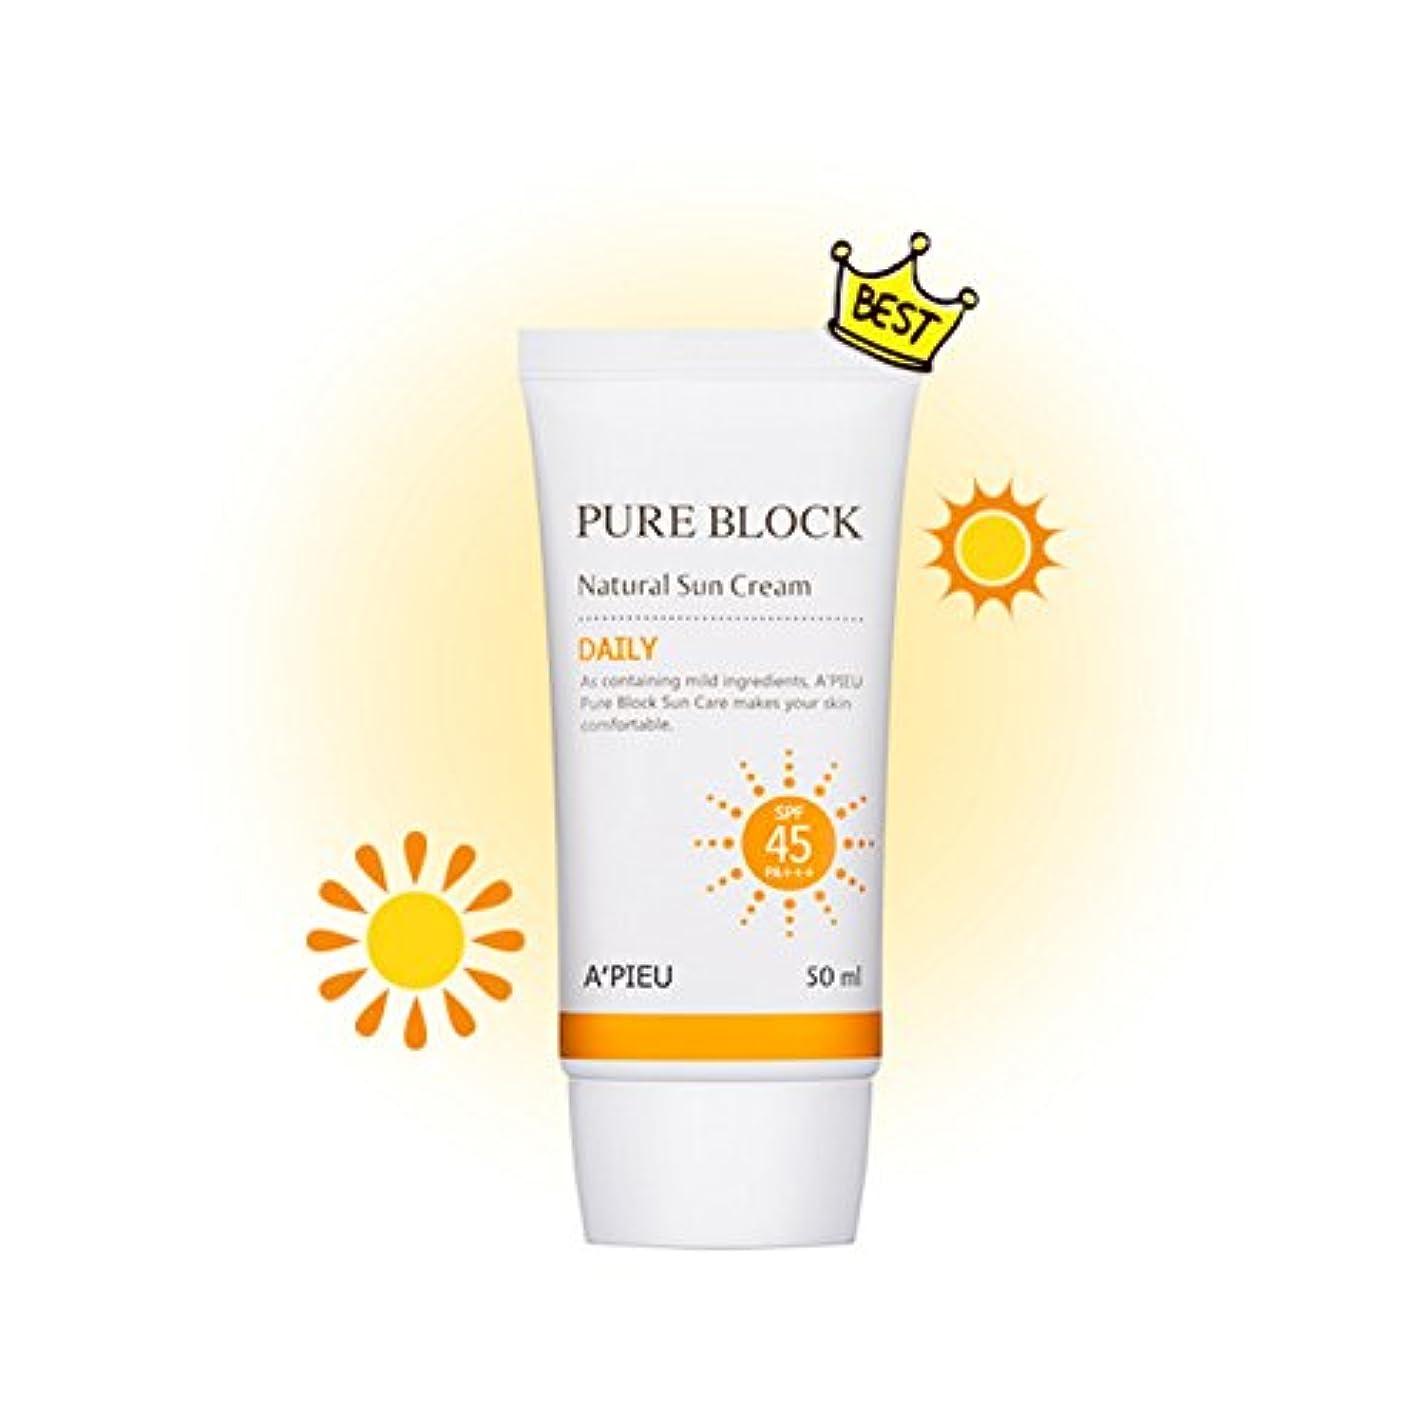 残高慈悲ミット[オピュ] A'PIEU ピュアブロックナチュラルデイリー日焼け止め Pure Block Natural Daily Sun Cream SPF 45 PA+++ [並行輸入品]